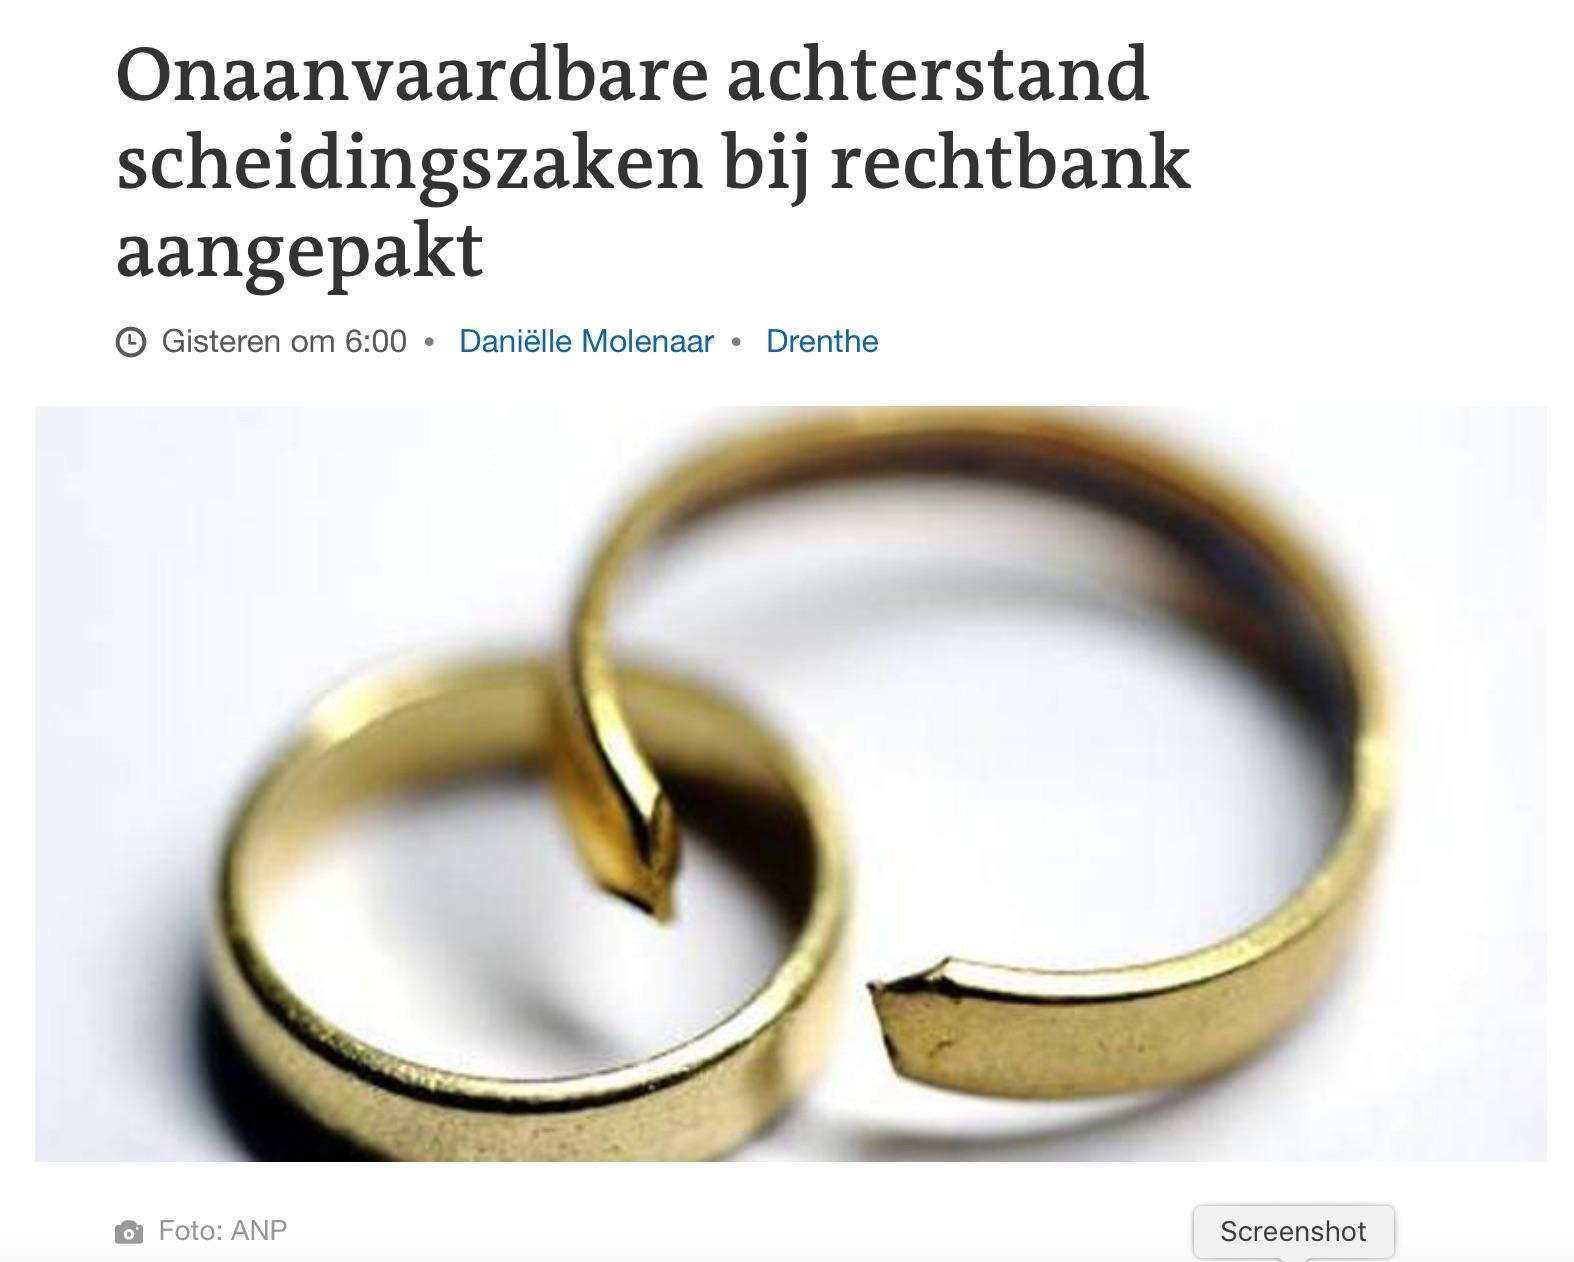 Onaanvaardbare Achterstand Scheidingszaken Bij Rechtbank Aangepakt